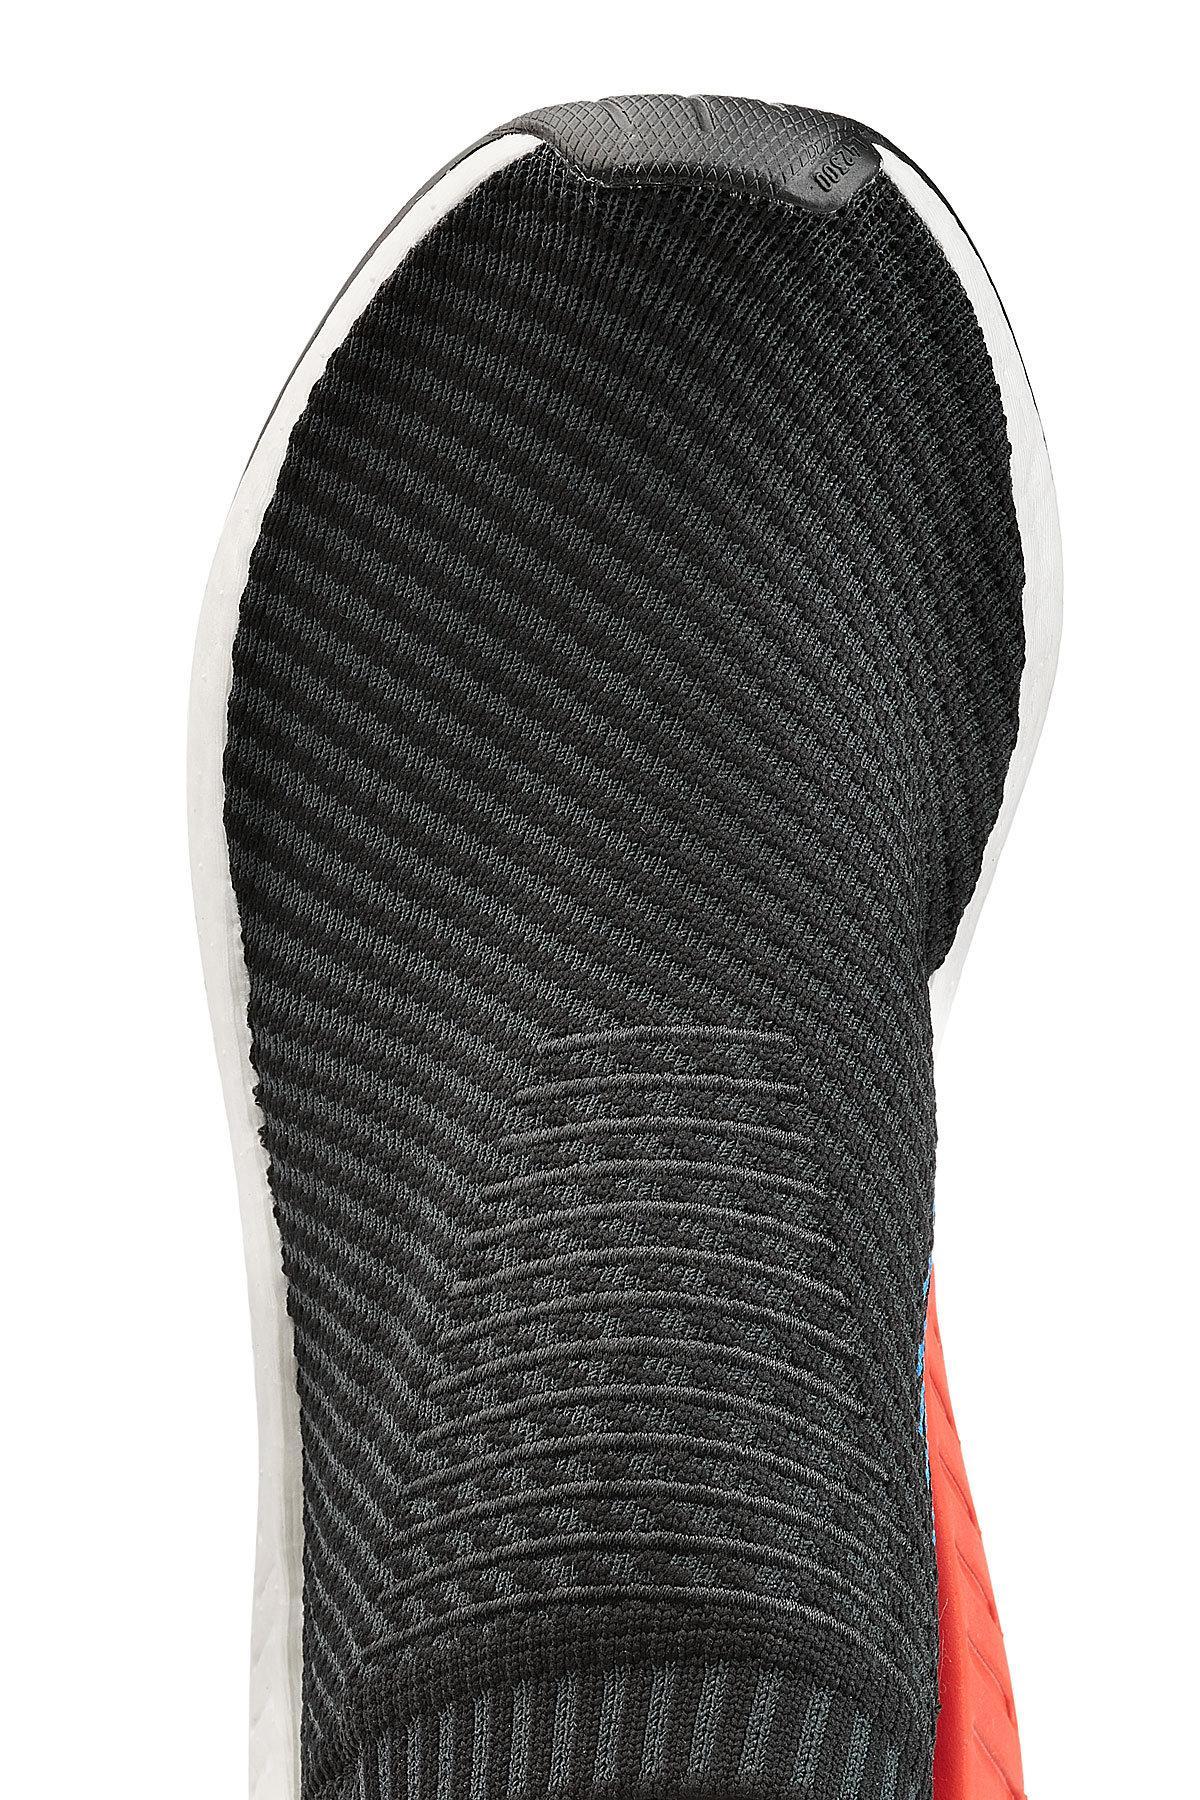 Lyst adidas originali nmd cs2 primeknit scarpe in nero per gli uomini.